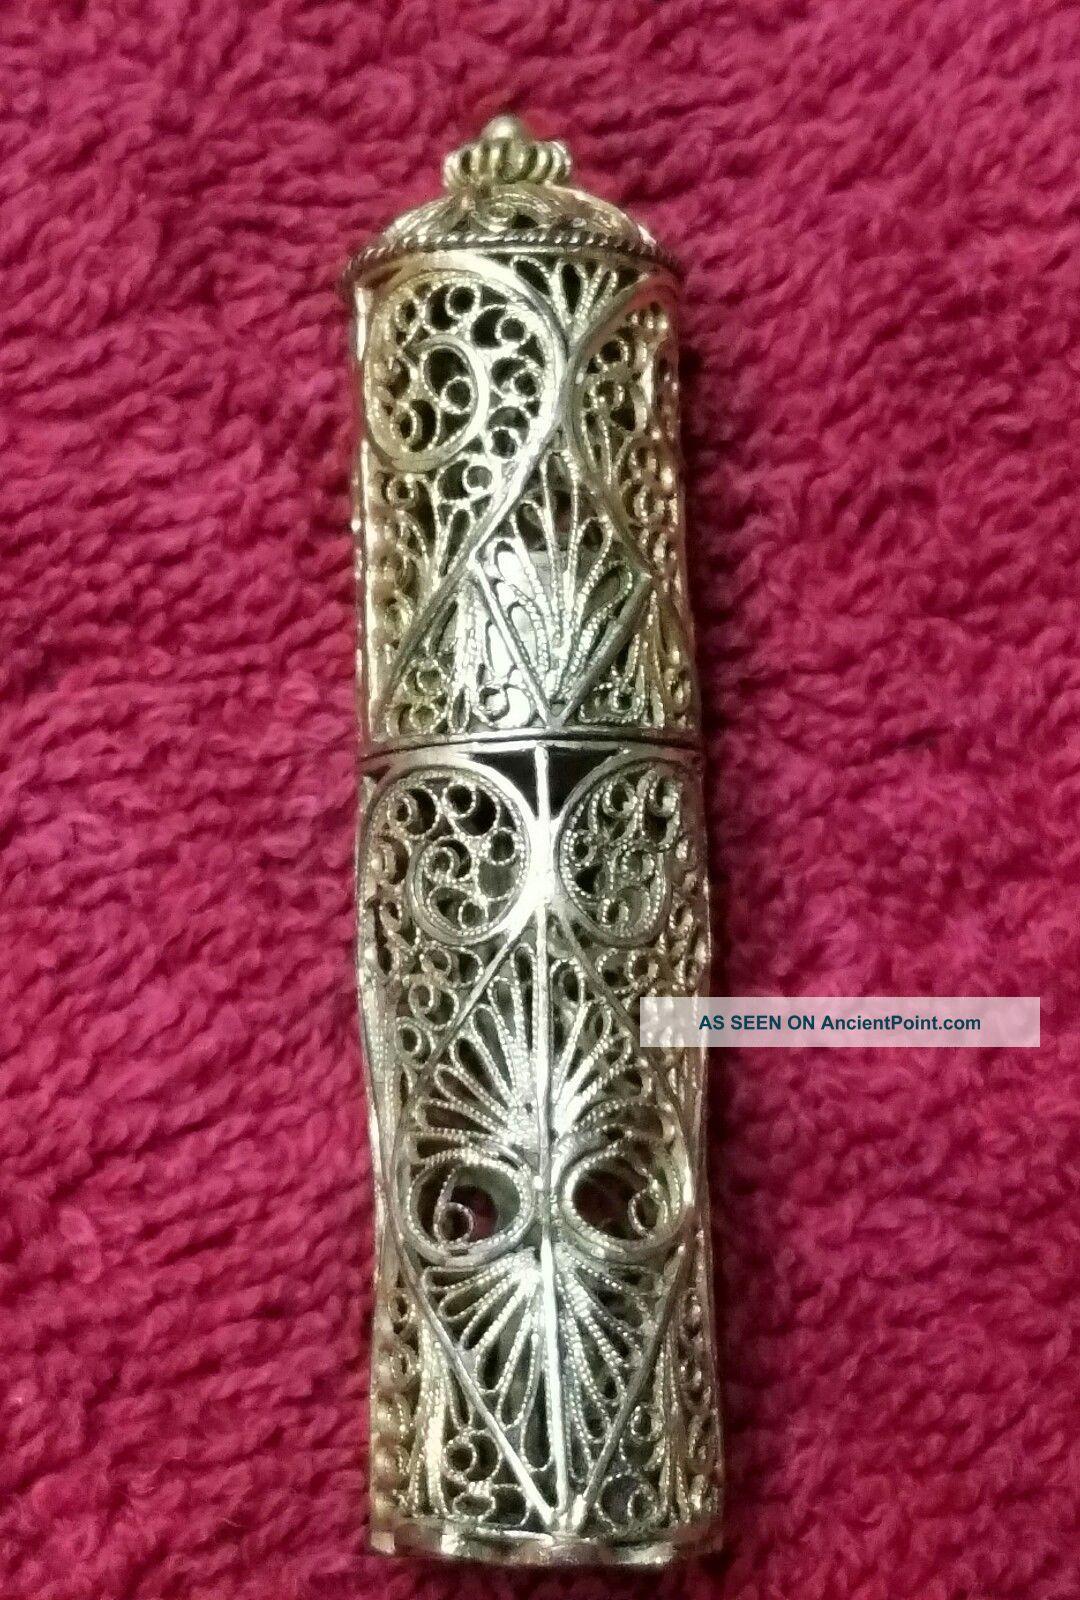 Antique Gilded Filigree Needle Case Tools, Scissors & Measures photo